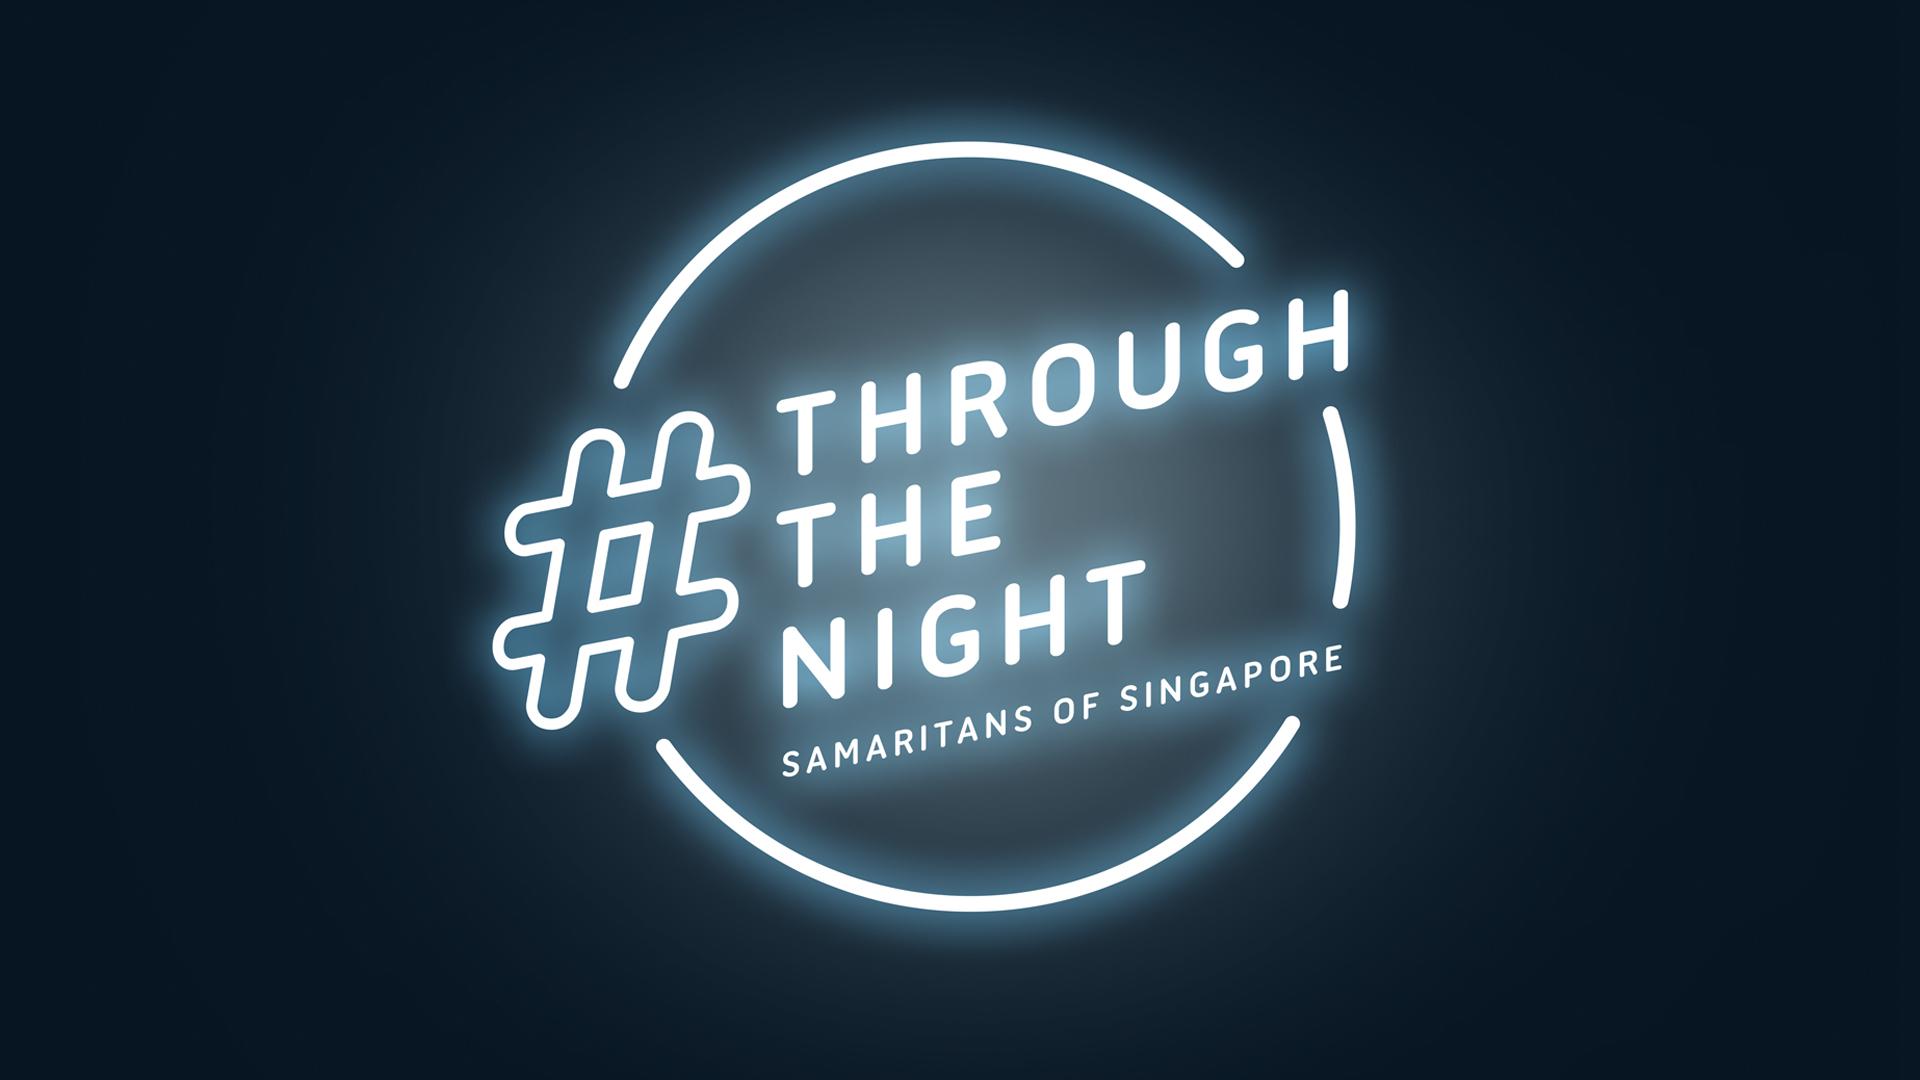 #ThroughTheNight